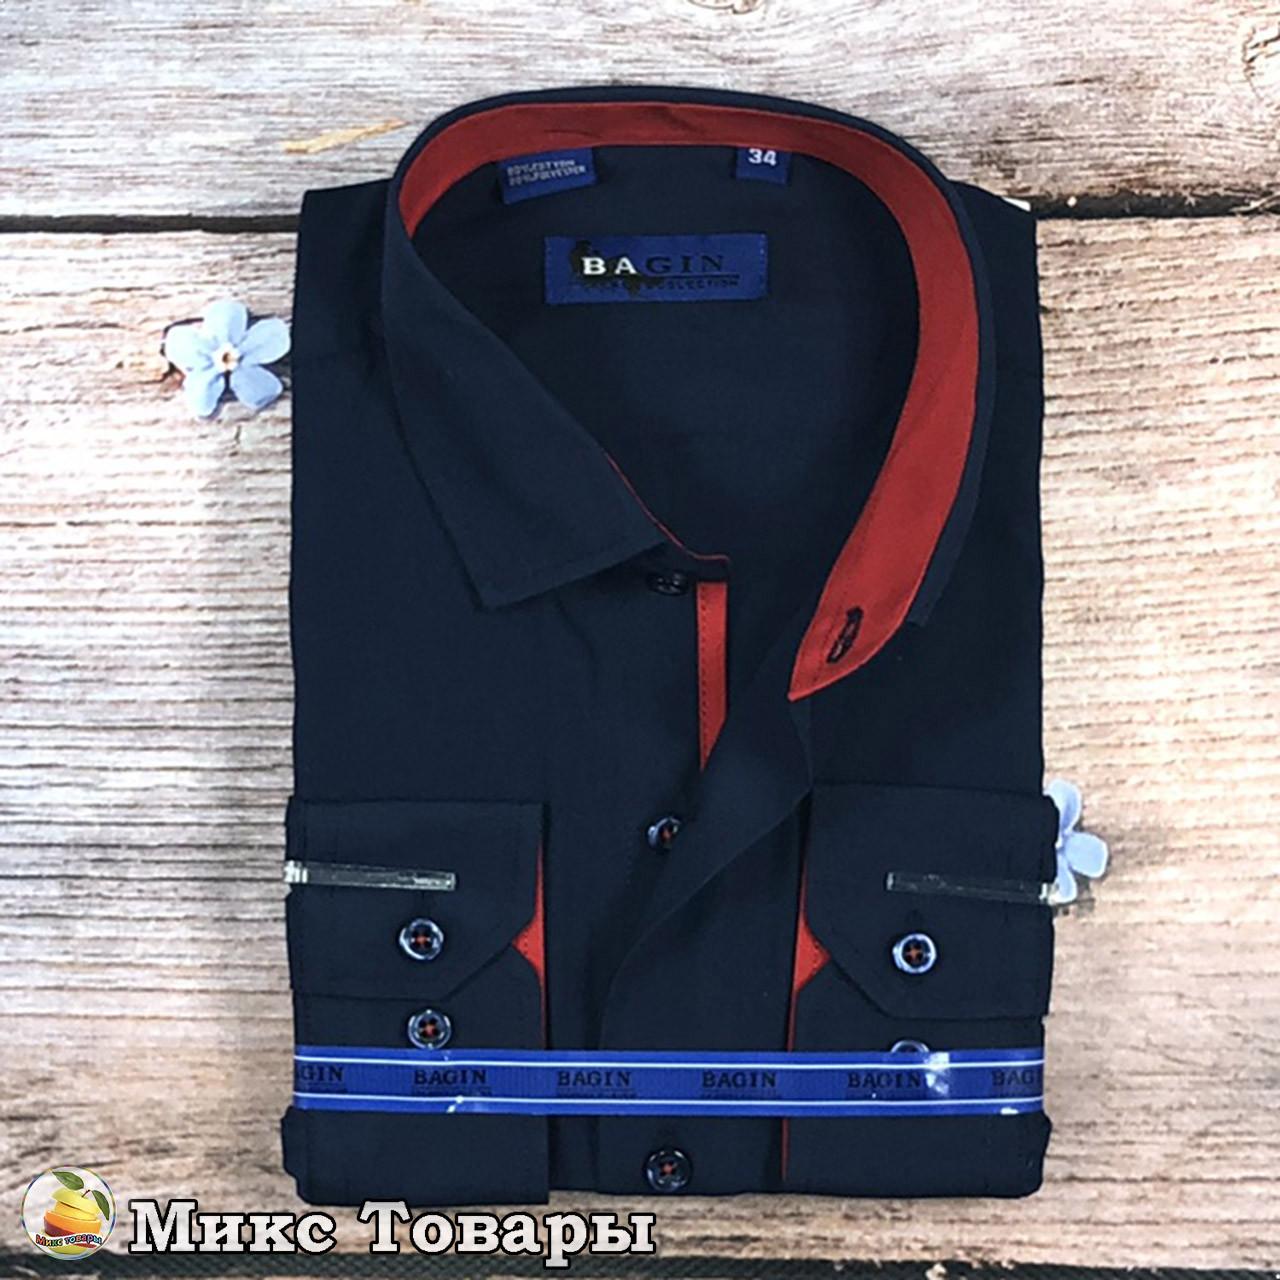 Тёмно синяя рубашка с бордовыми вставками Размеры: с 28 по 36 ворот (8330)